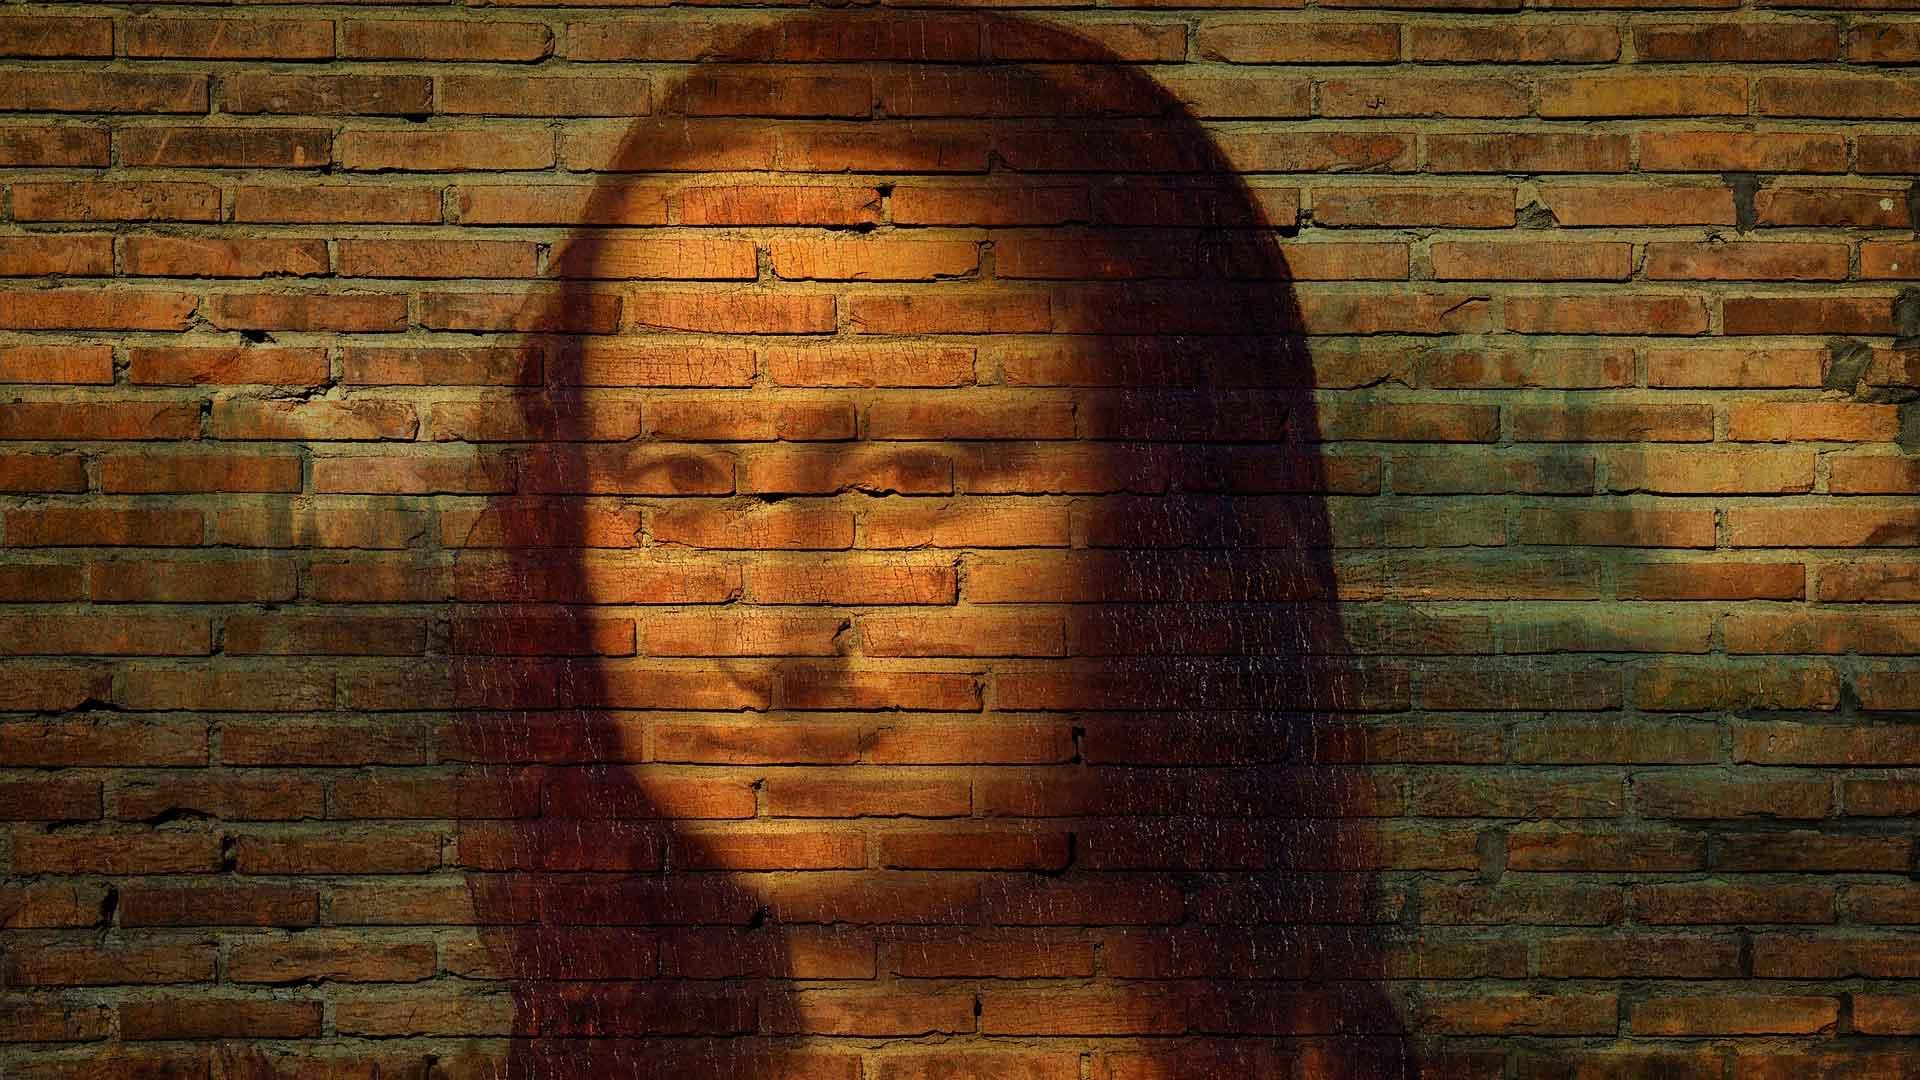 Mona Lisa på murvegg, kunst